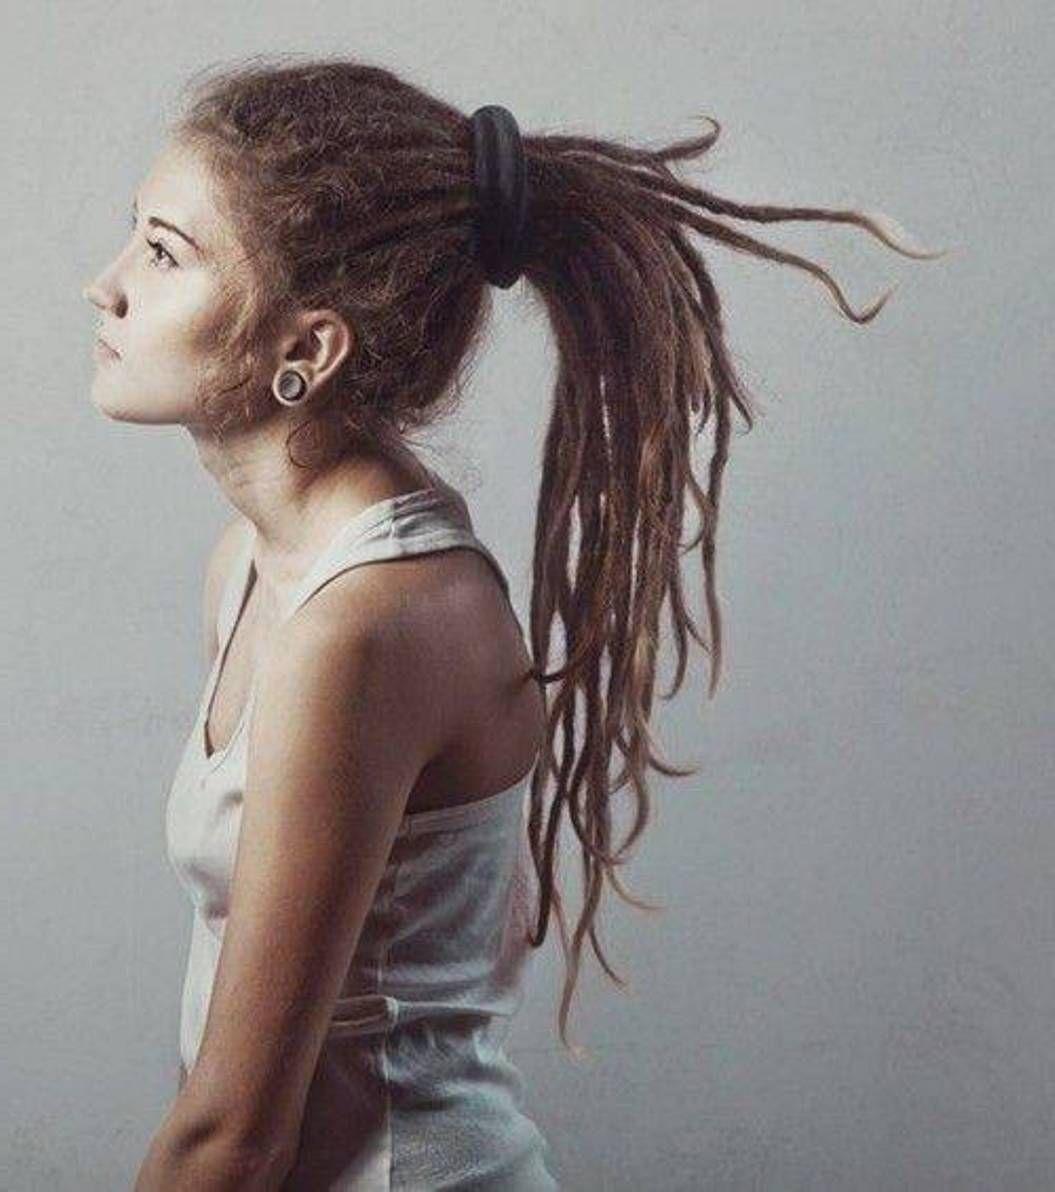 Трахает девочку с дредами 1 фотография